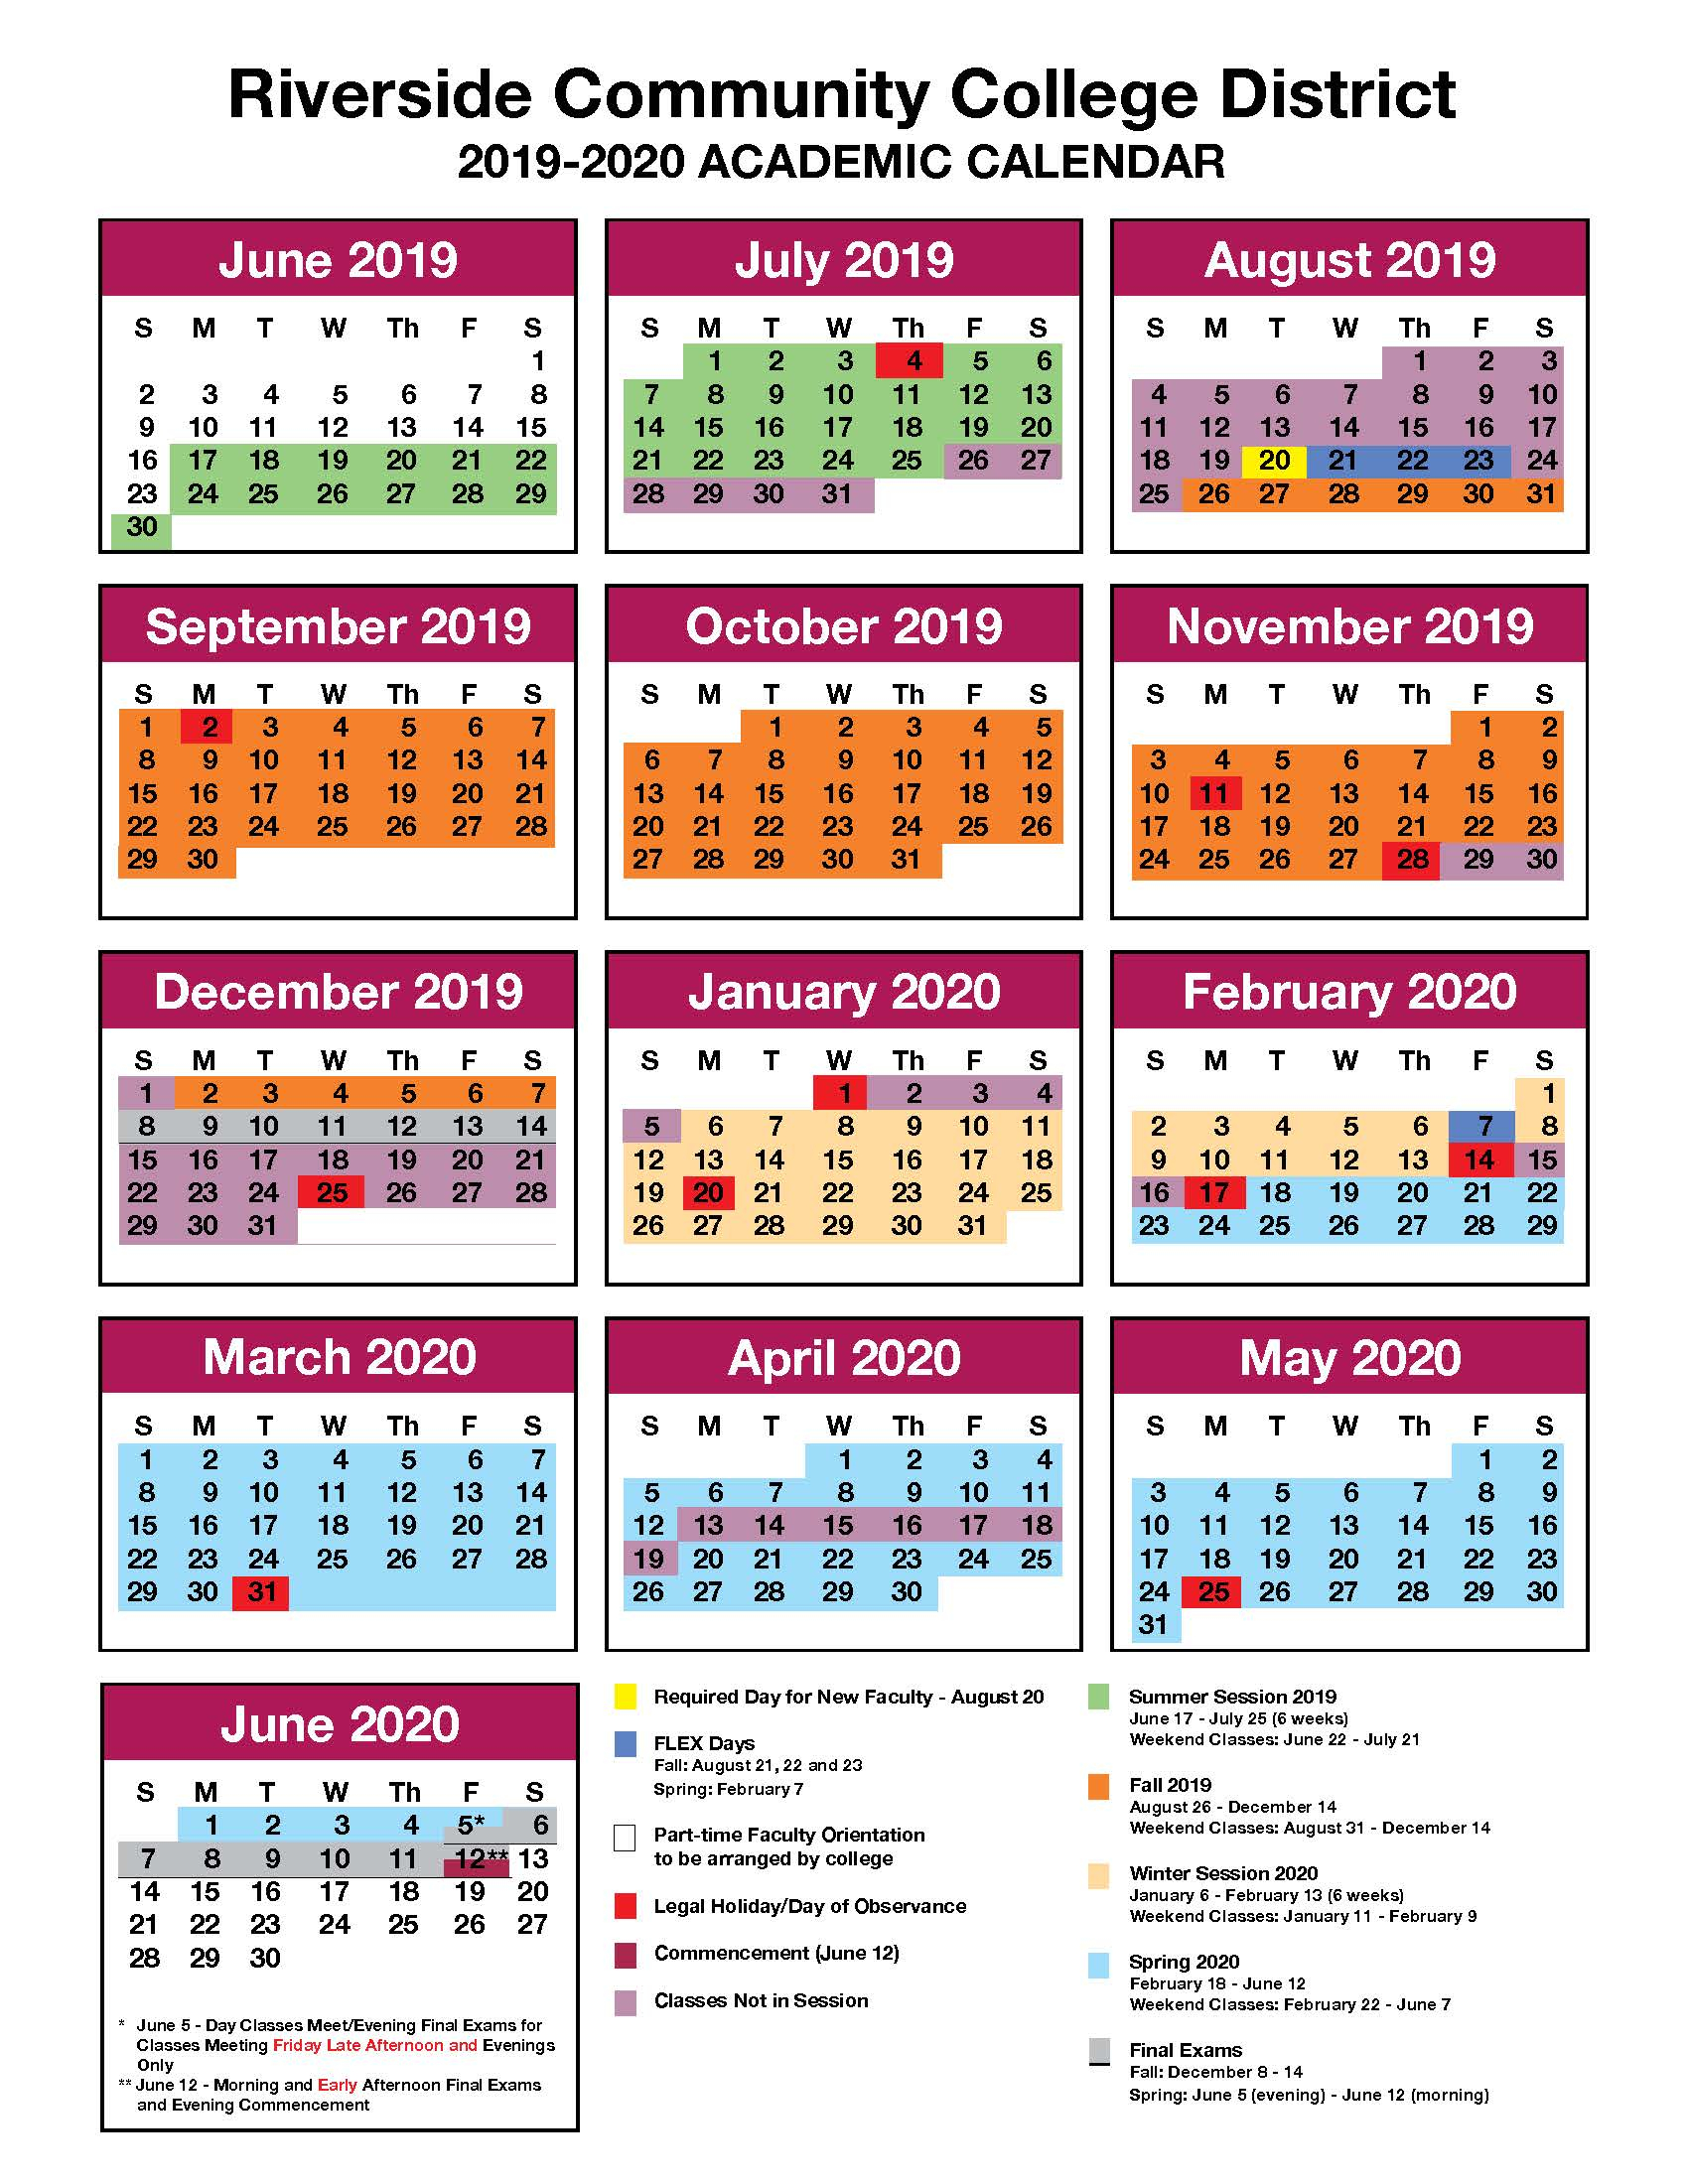 Csulb Academic Calendar 2022 23.C S U L A A C A D E M I C C A L E N D A R 2 0 2 1 Zonealarm Results